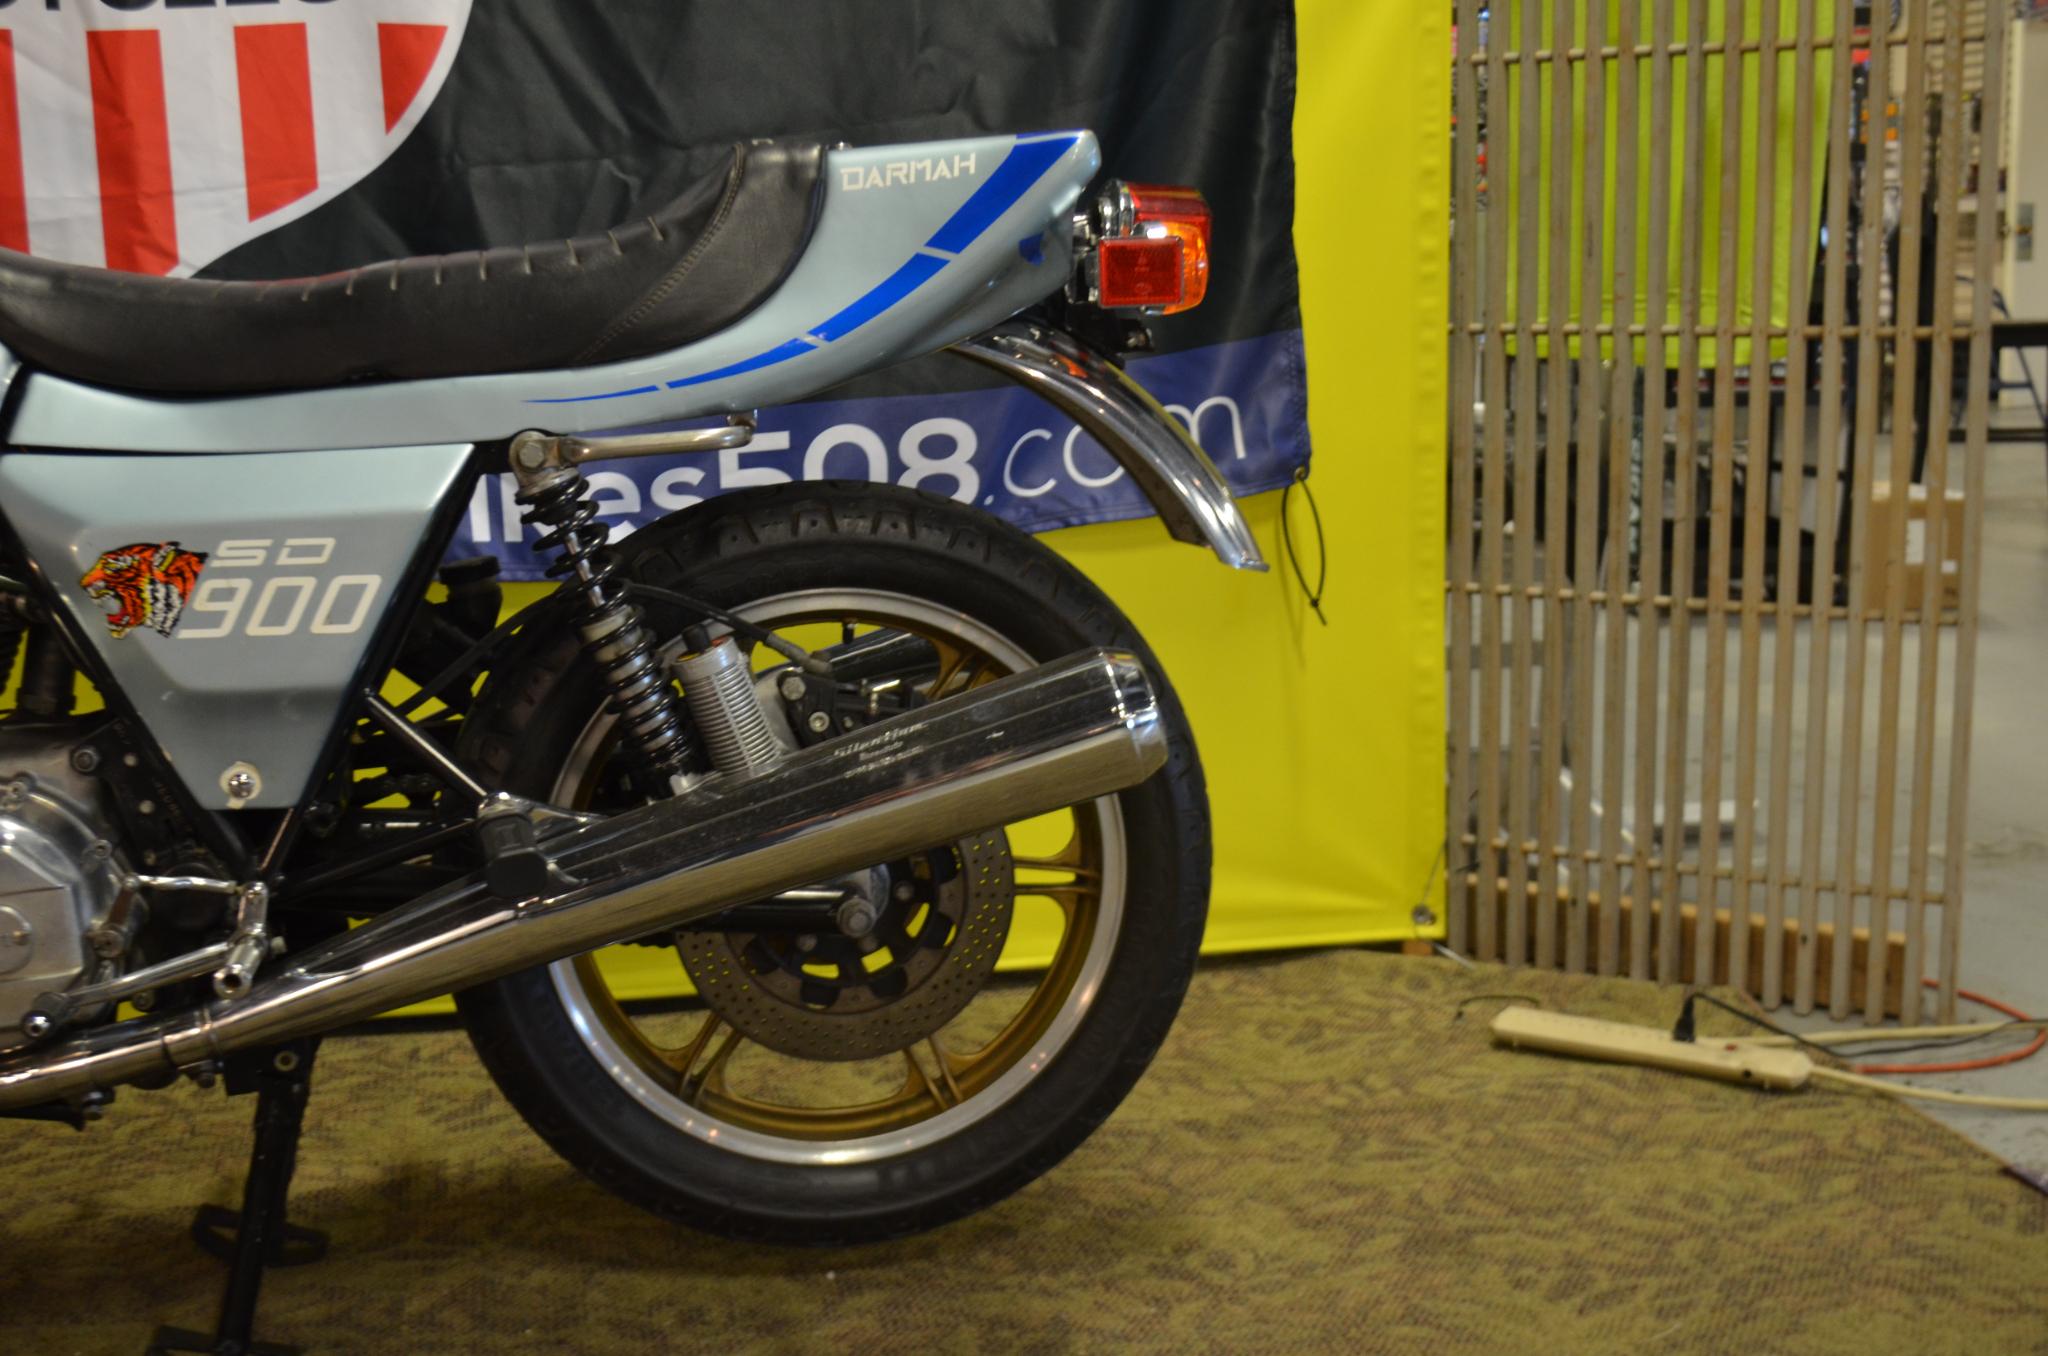 1980 Ducati 900SS Darmah SSD